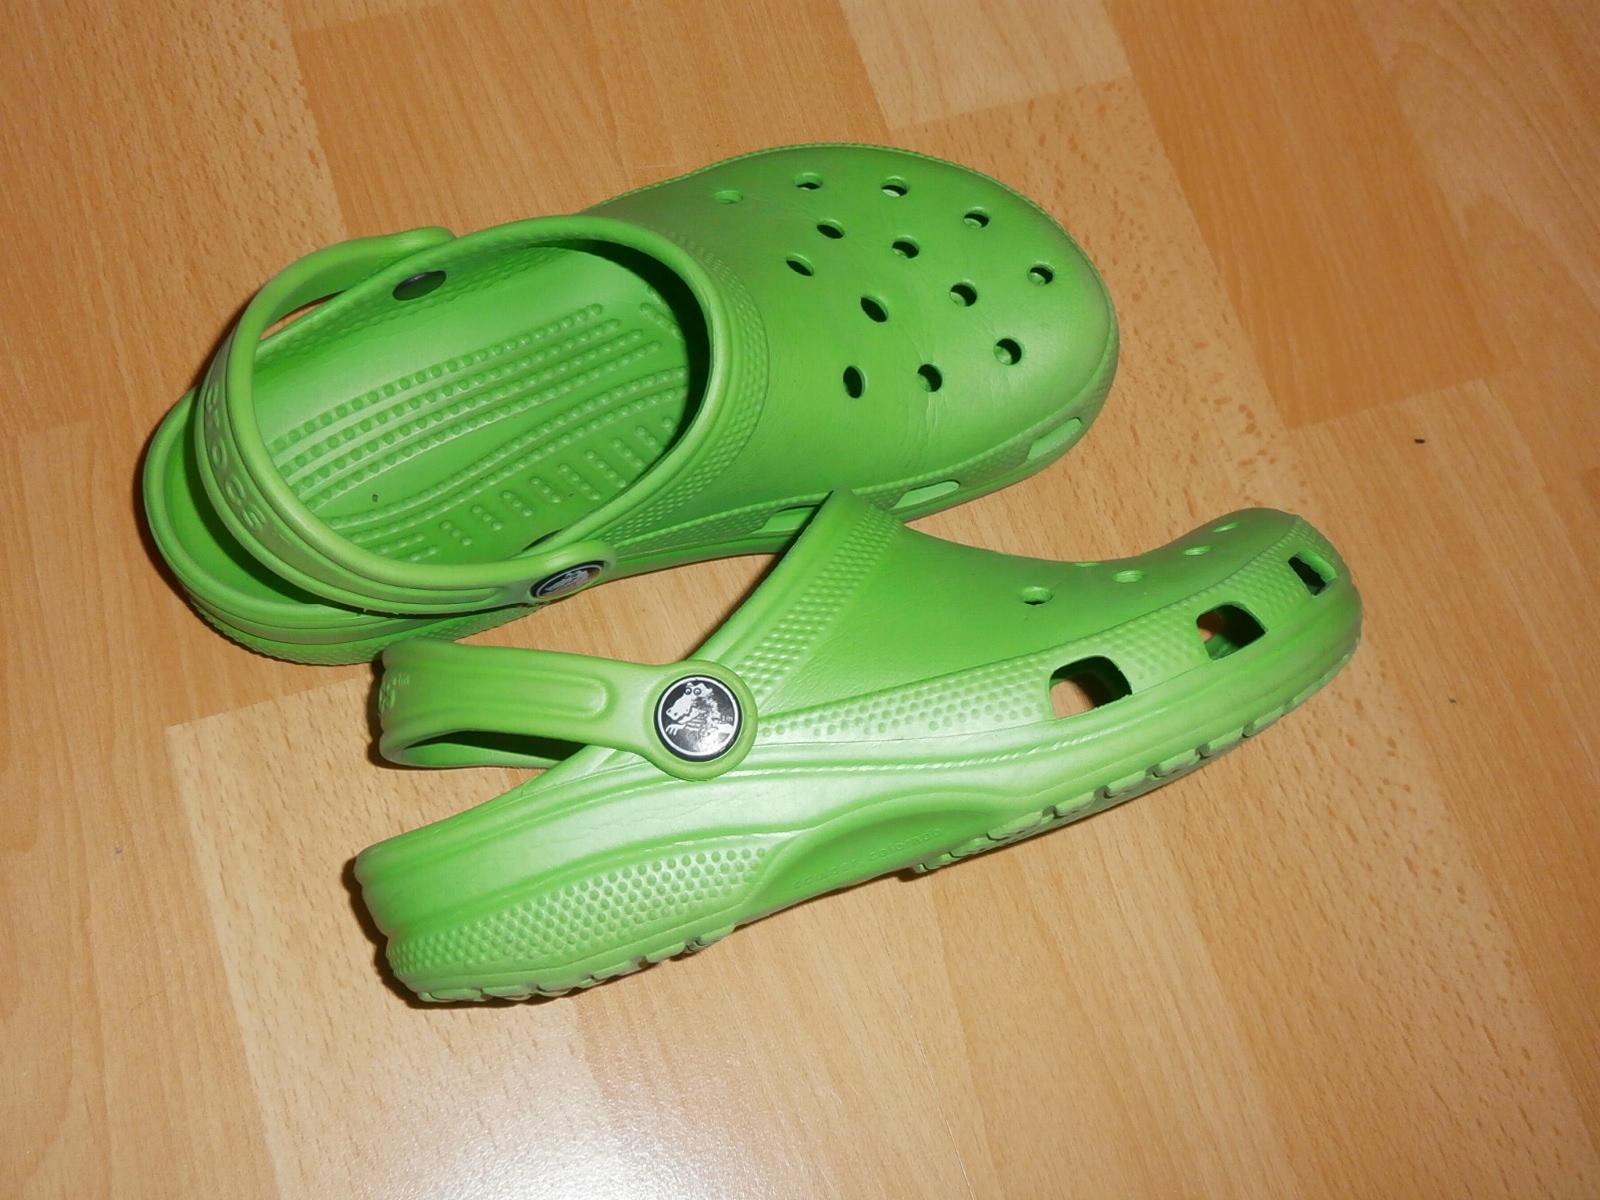 nowy styl sklep internetowy nowa wysoka jakość CROCS - zielone buciki klapki - C 12/13 EU 29 / 30 ...